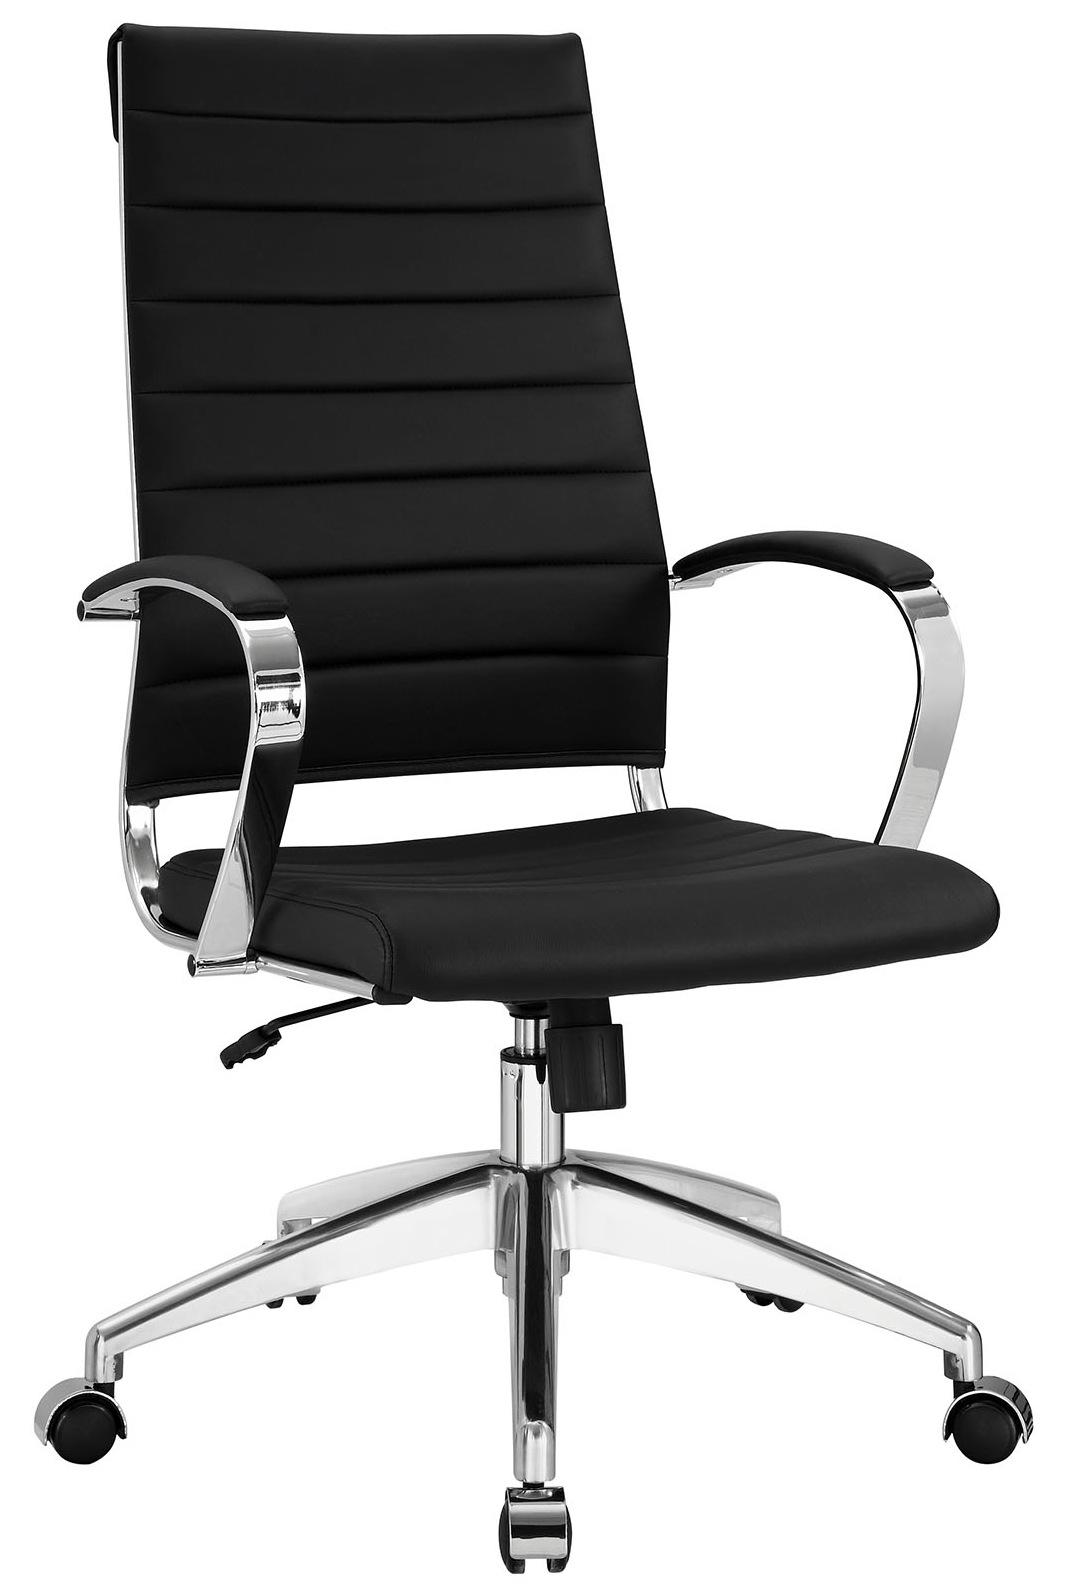 aria-hb-office-chair-black.jpg